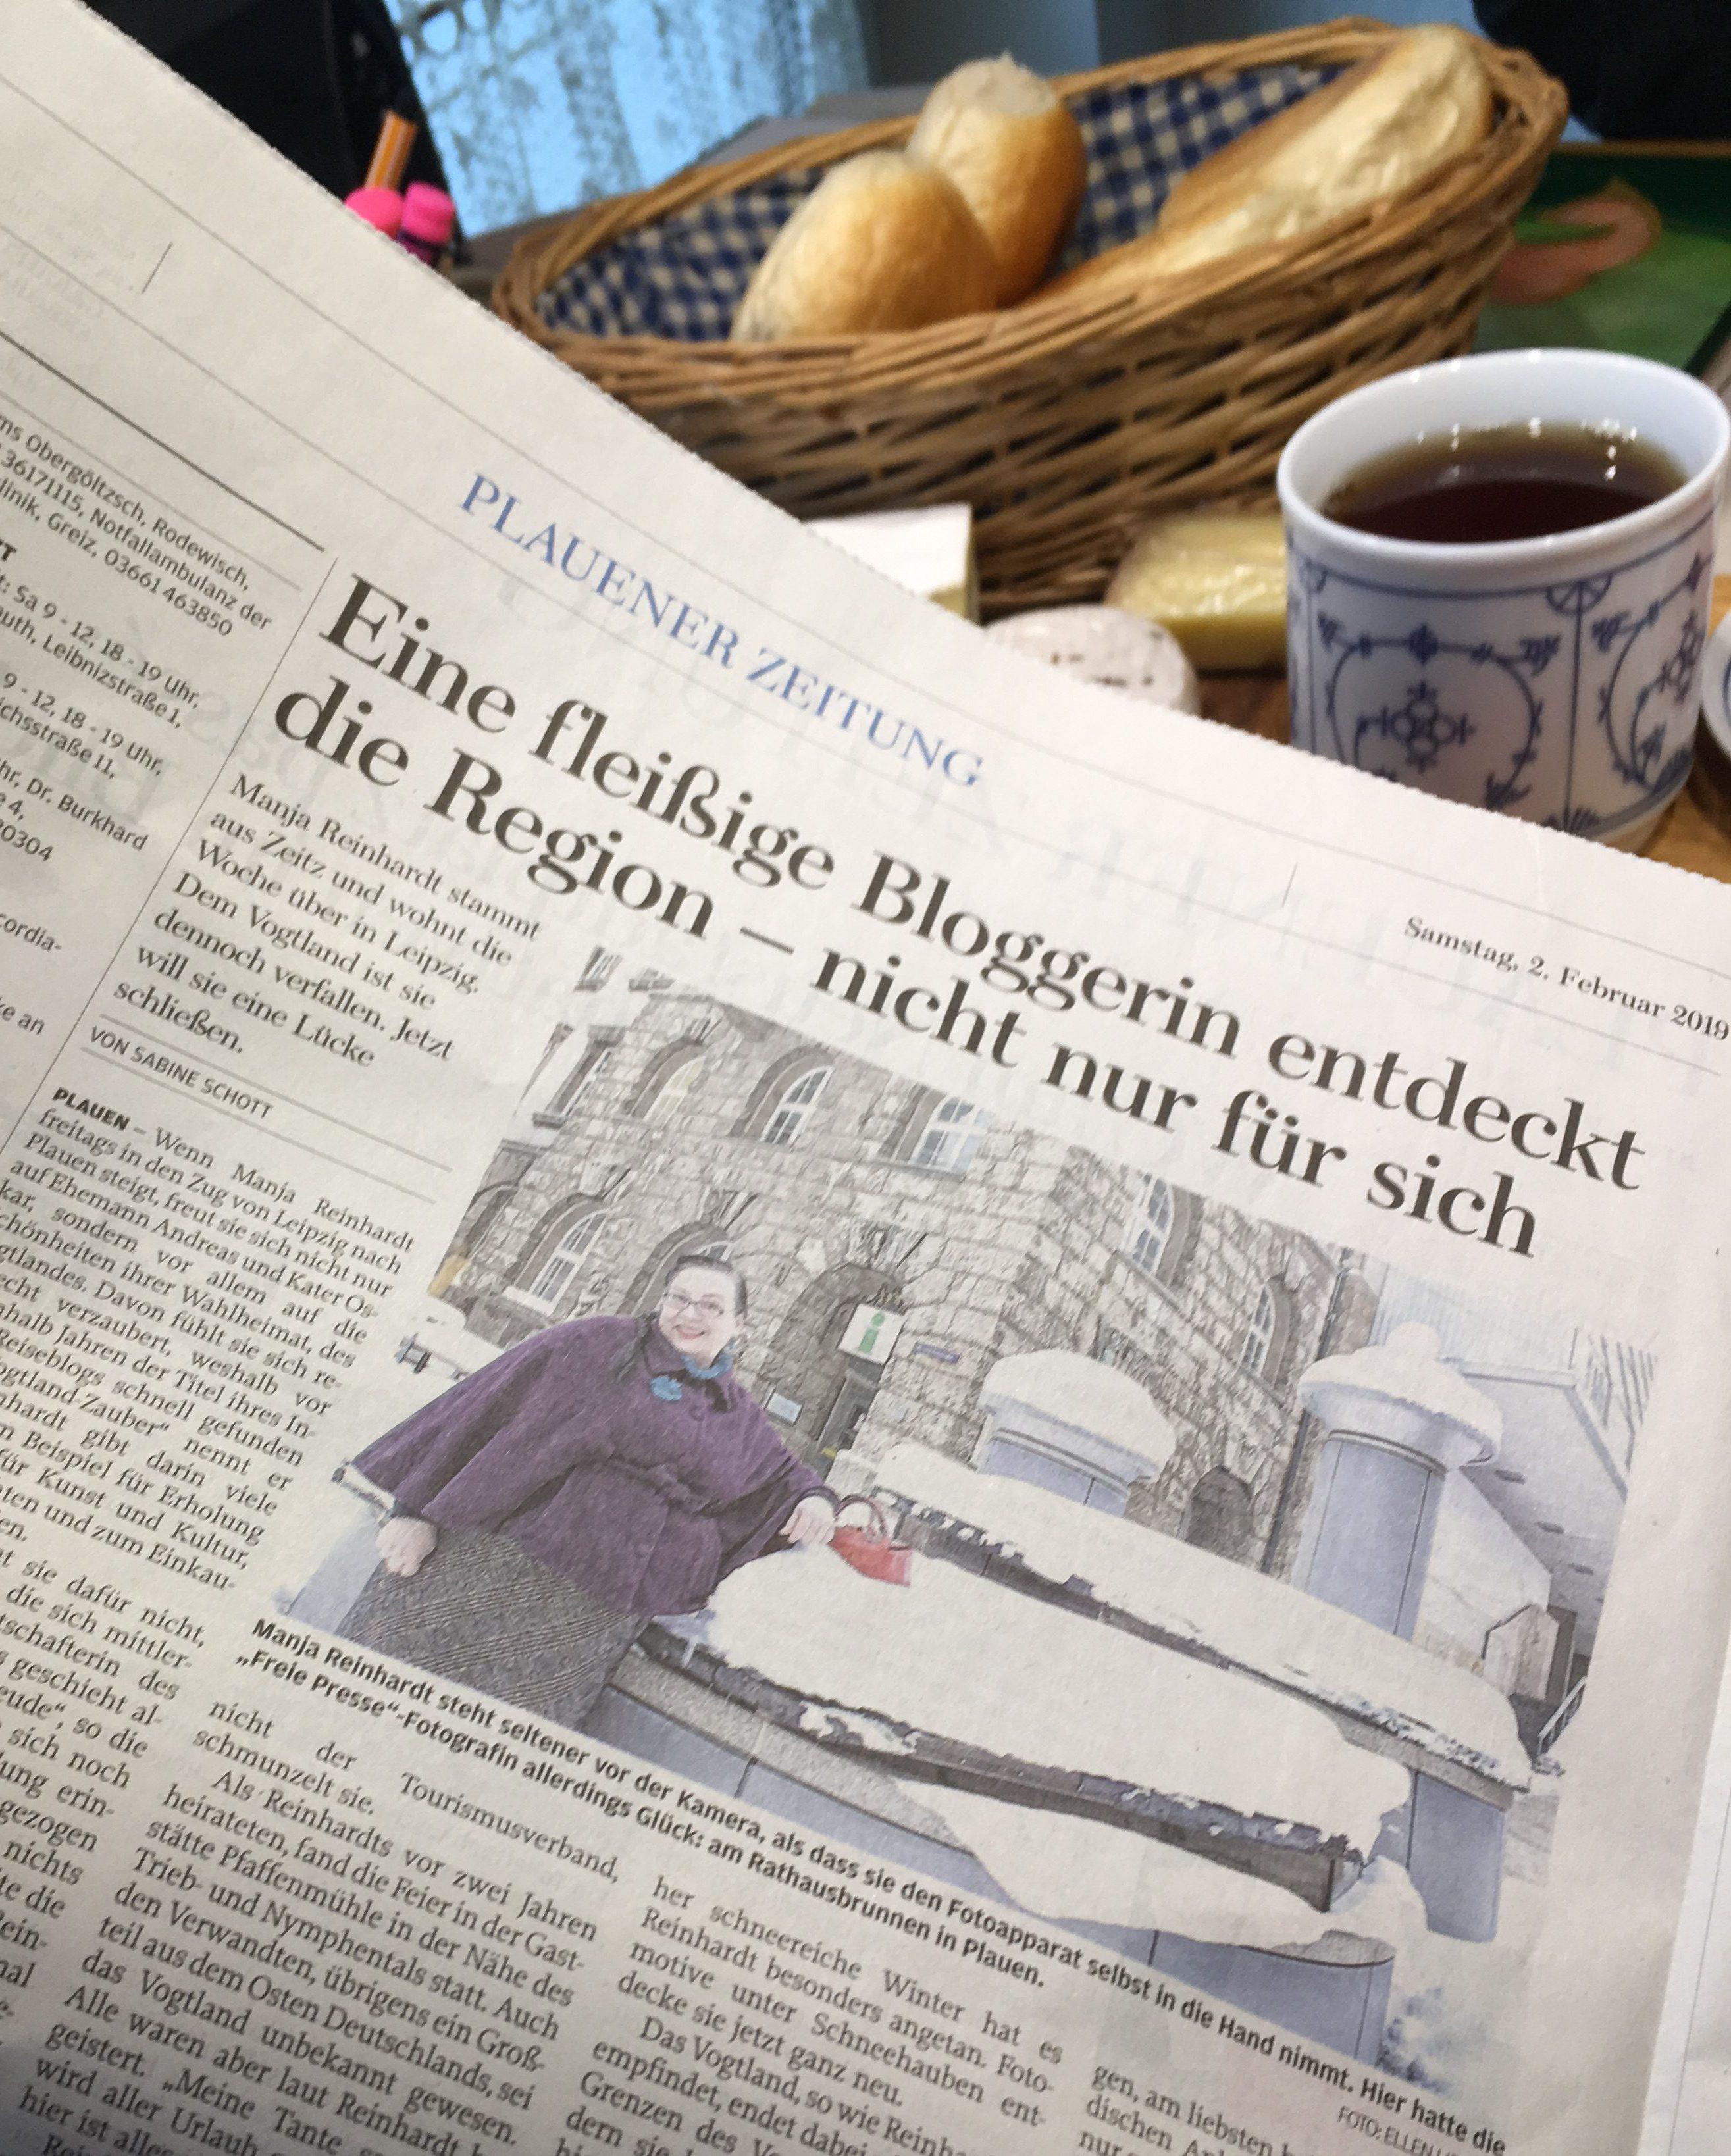 Vogtland-Zauber in der Presse